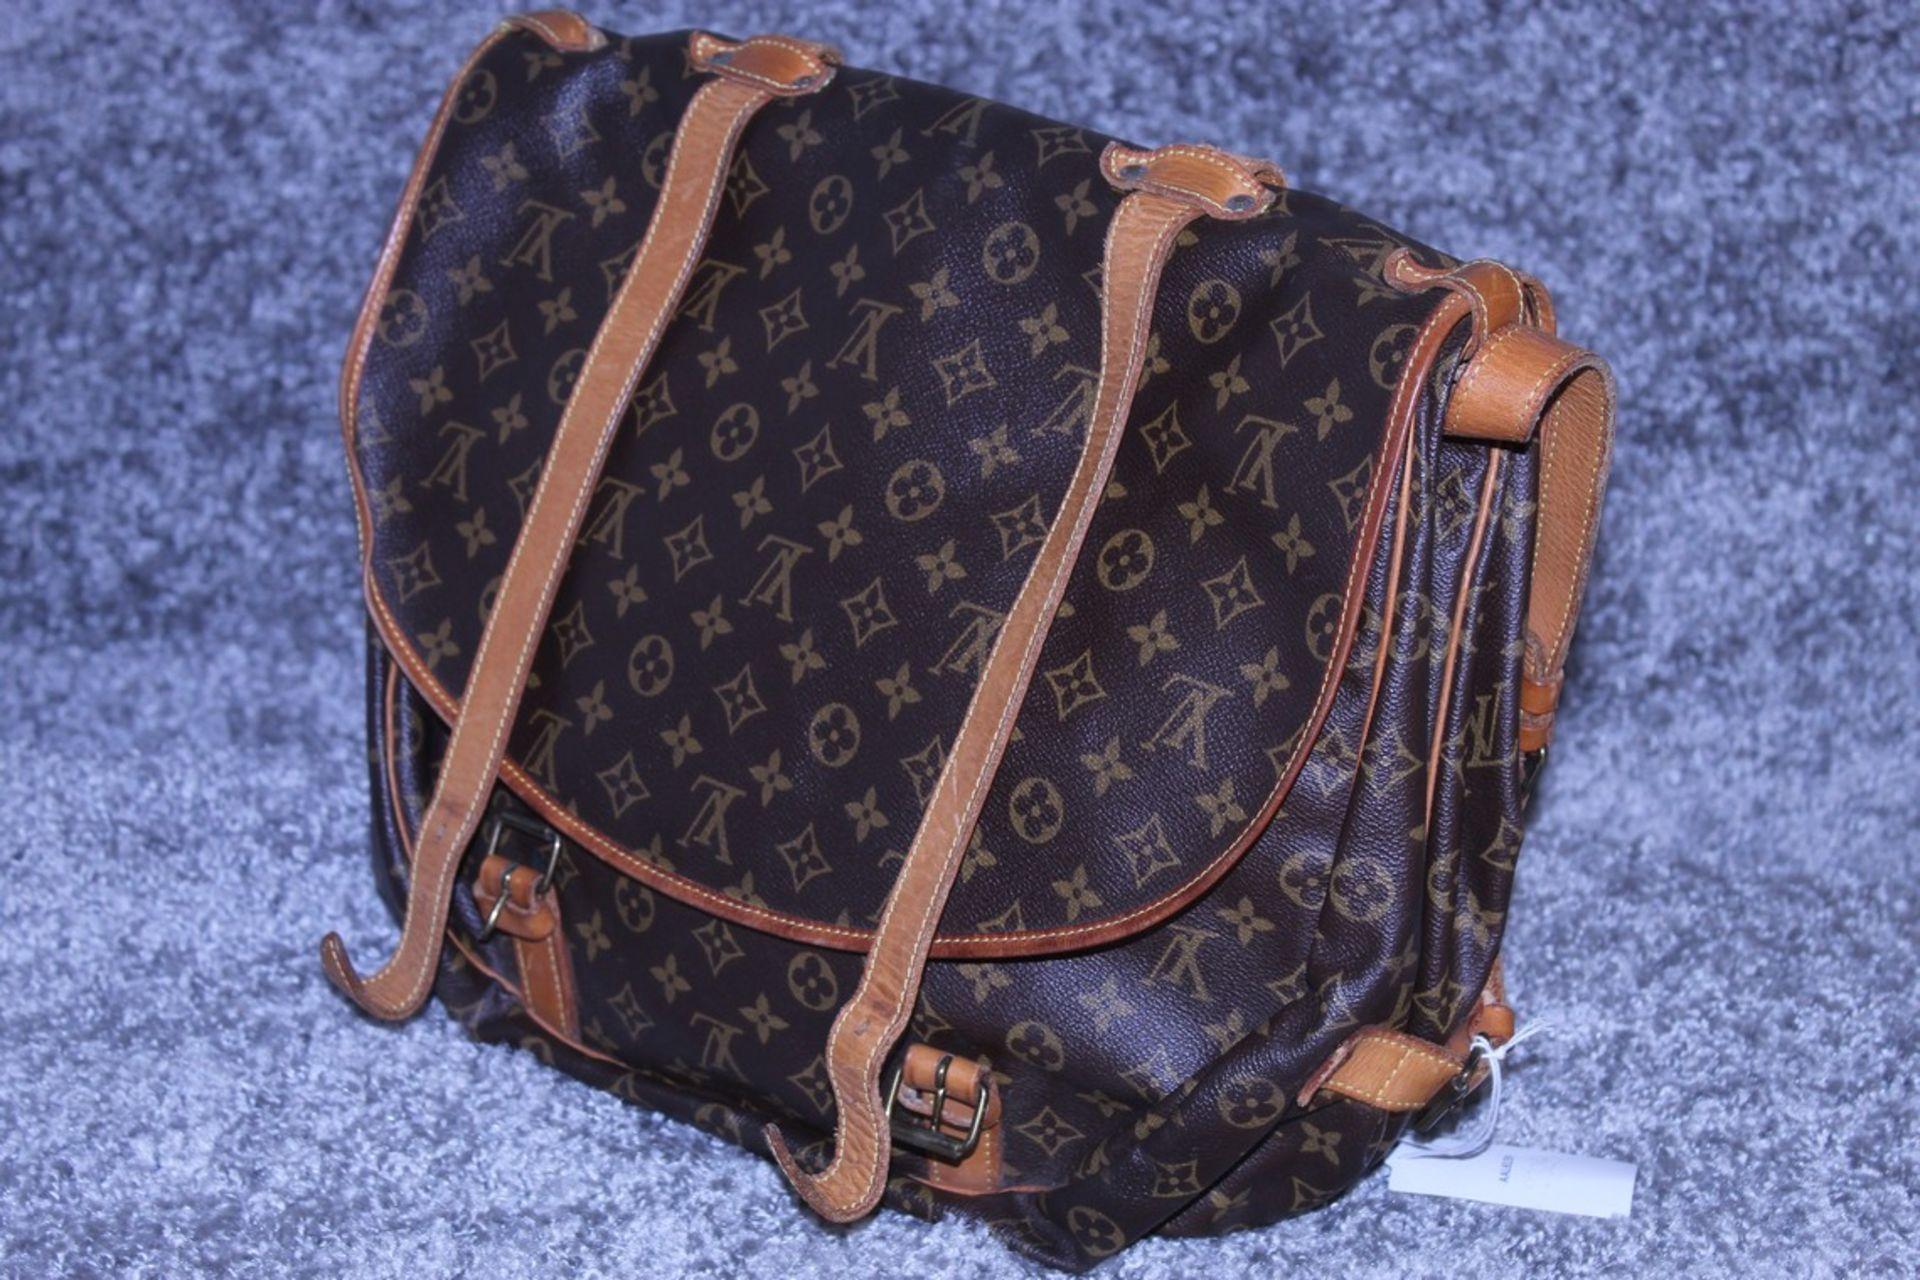 RRP £1,500 Louis Vuitton Saumur Double Strap Shoulder Bag, Brown Monogram Canvas, Vachetta - Image 4 of 4